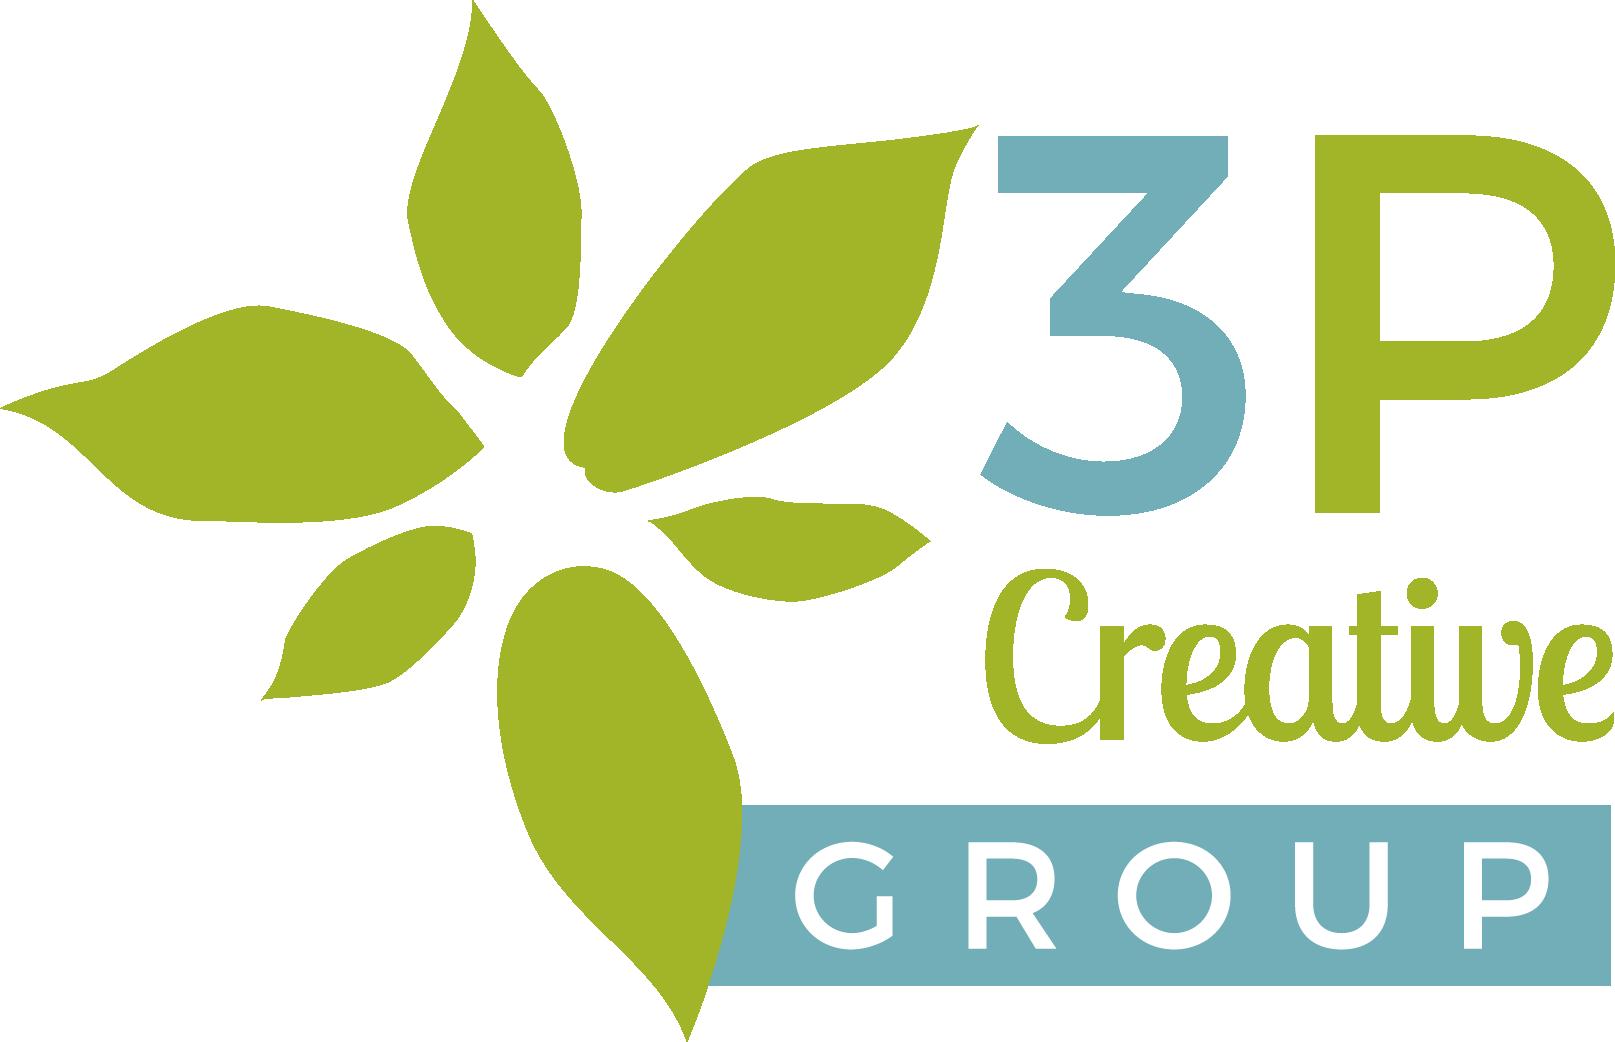 https://cdn2.hubspot.net/hubfs/378181/3P_CreativeGroup_Logo.png